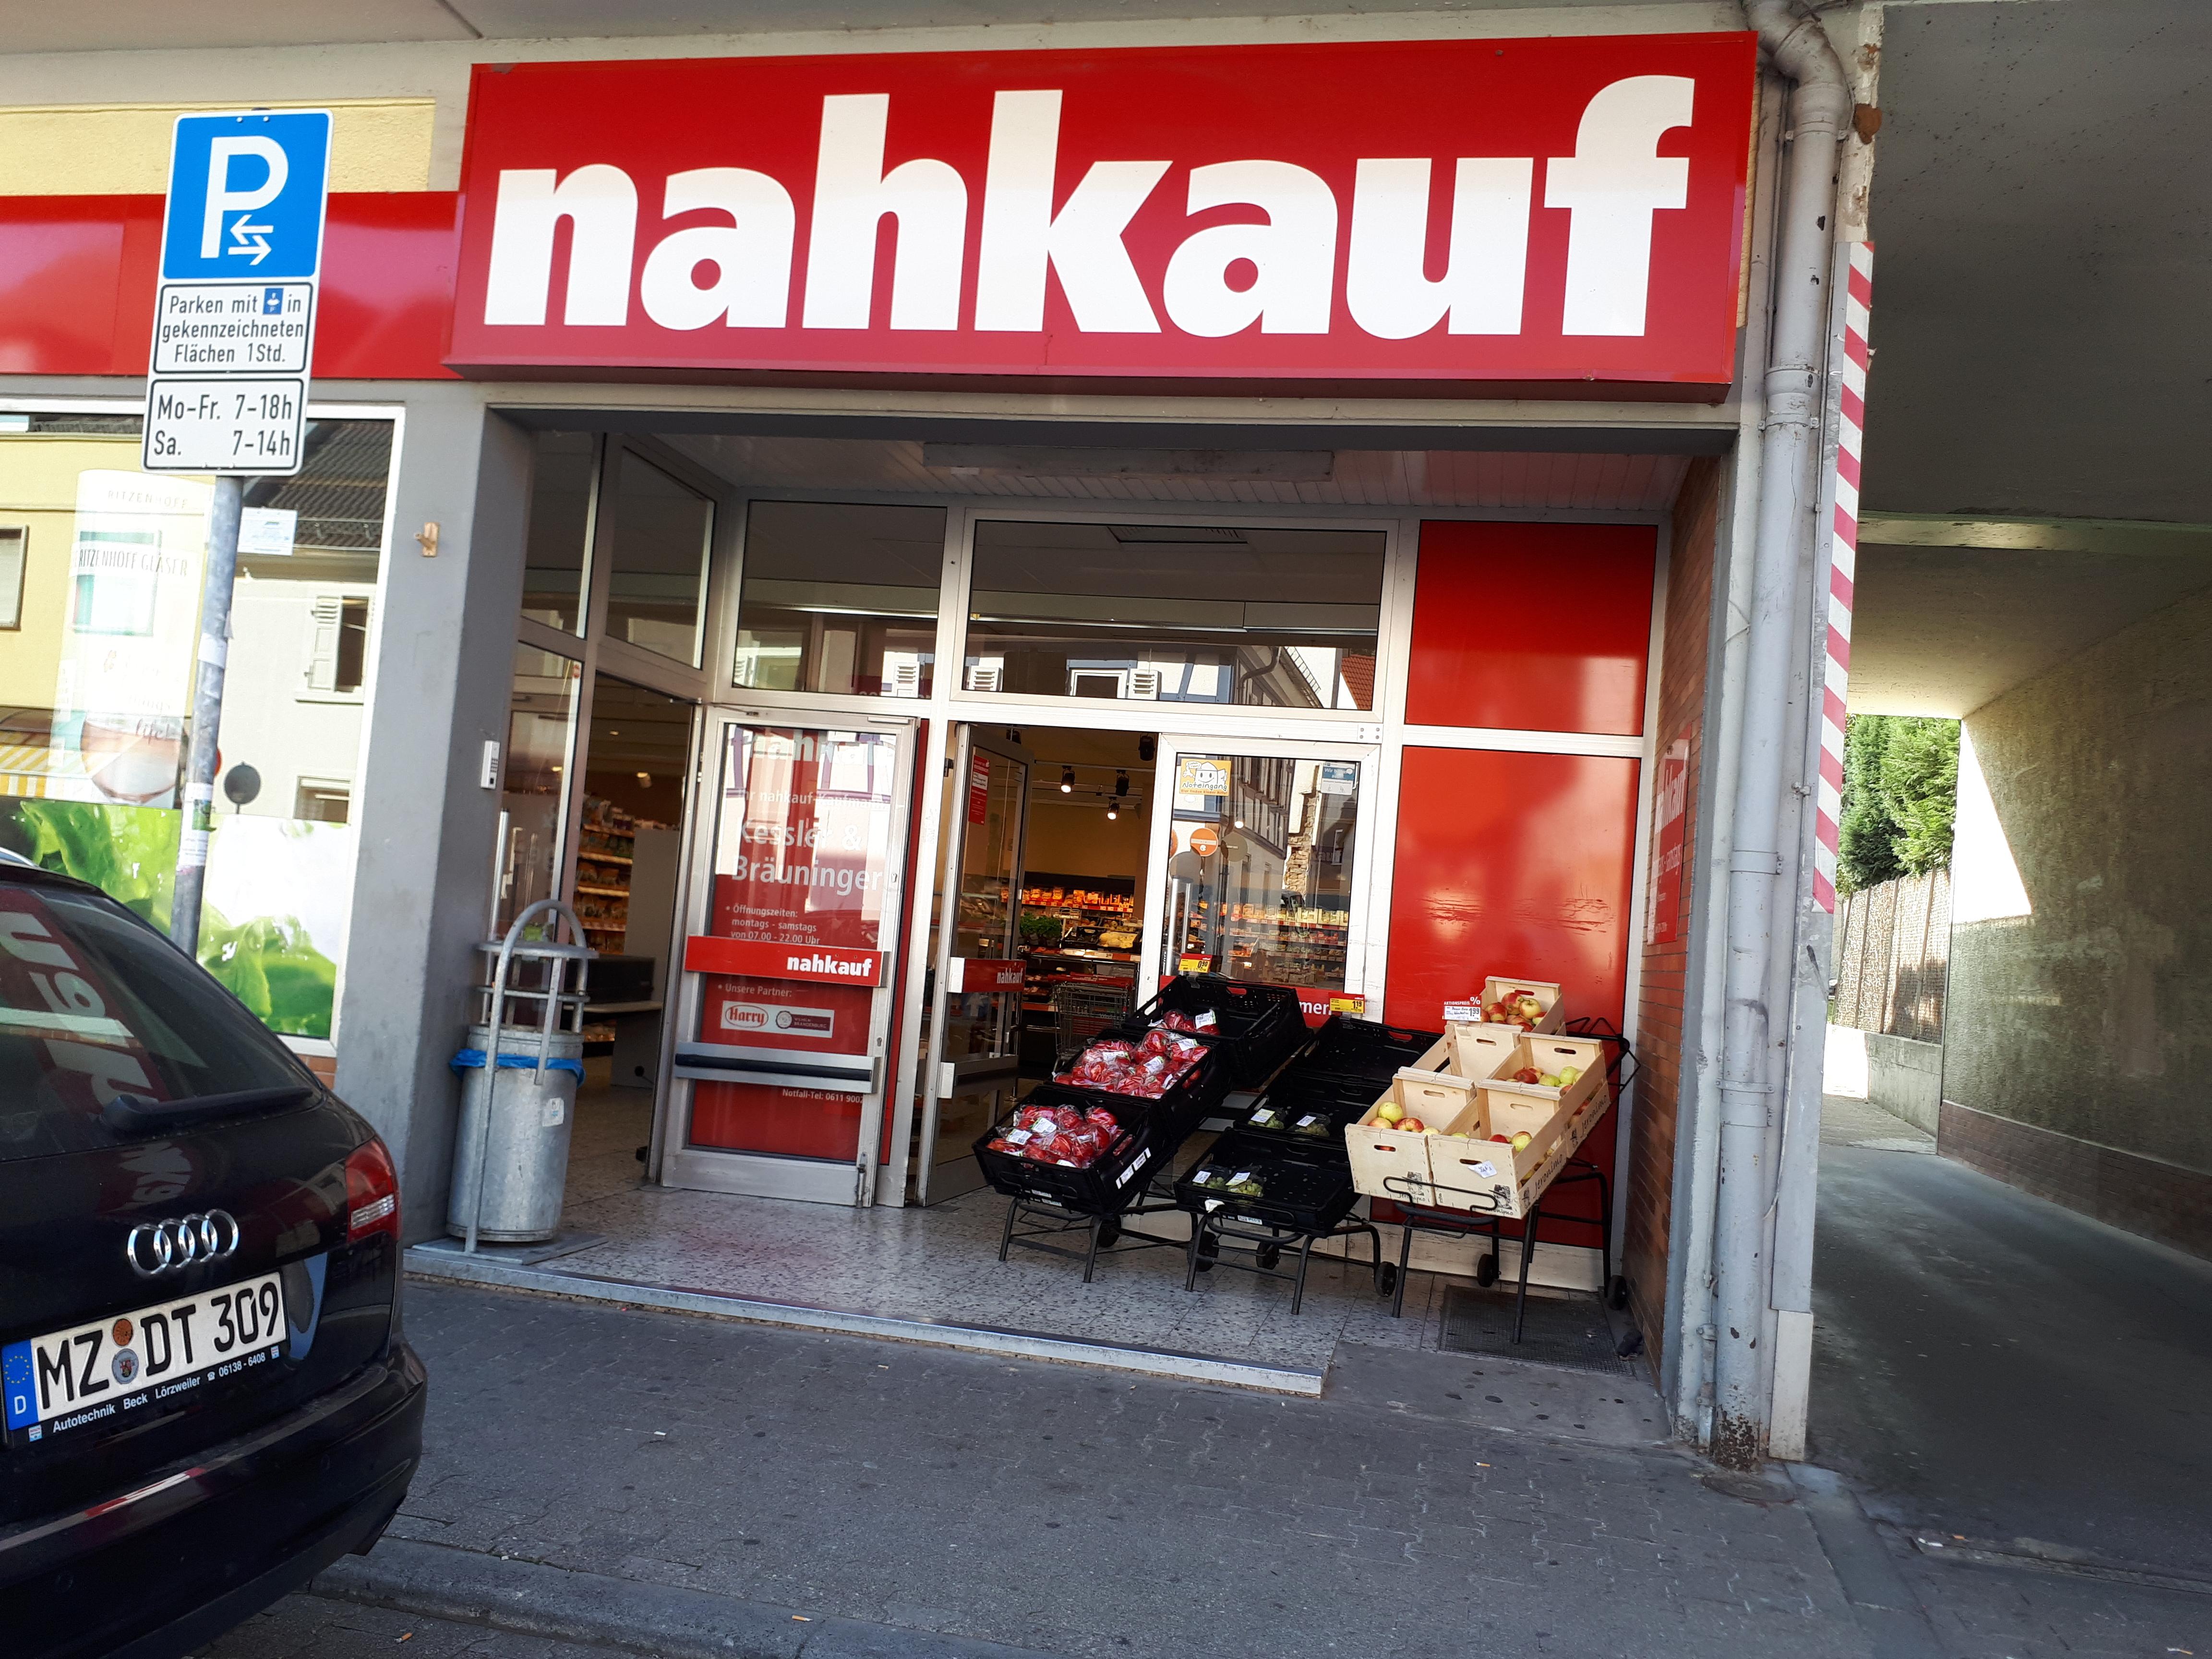 Welche chancen der kleine selbst ndige h ndler heute noch hat supermarkt inside - Welches mobelhaus hat heute geoffnet ...